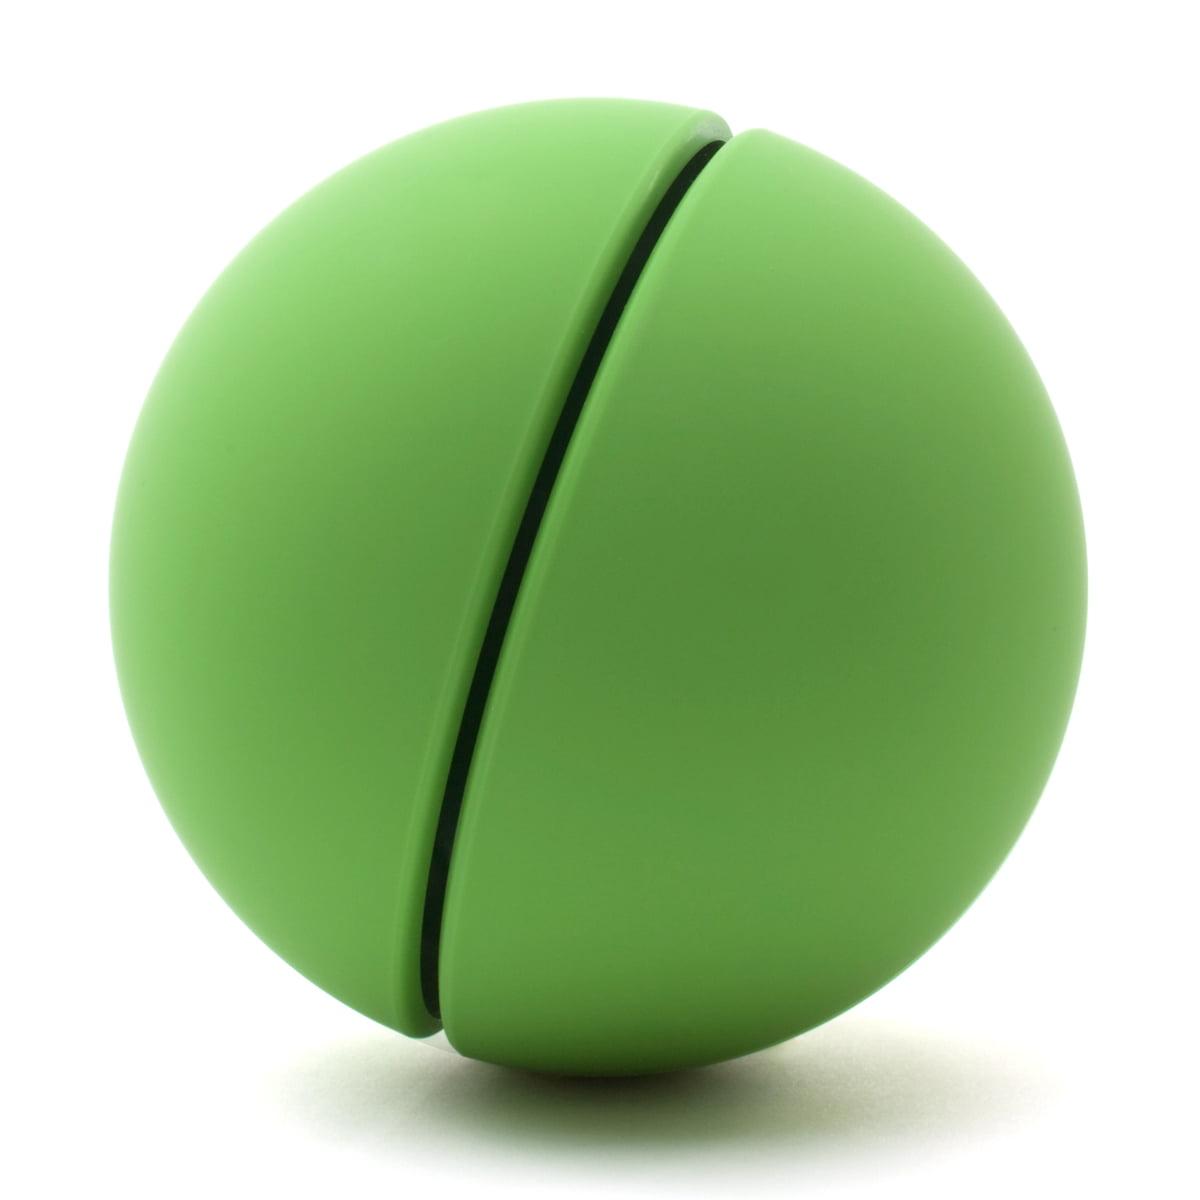 Authentics - Giro Spardose, grün   Dekoration > Aufbewahrung und Ordnung > Dosen   Grün   Abs-kunststoff -  lackiert -  magnet   authentics